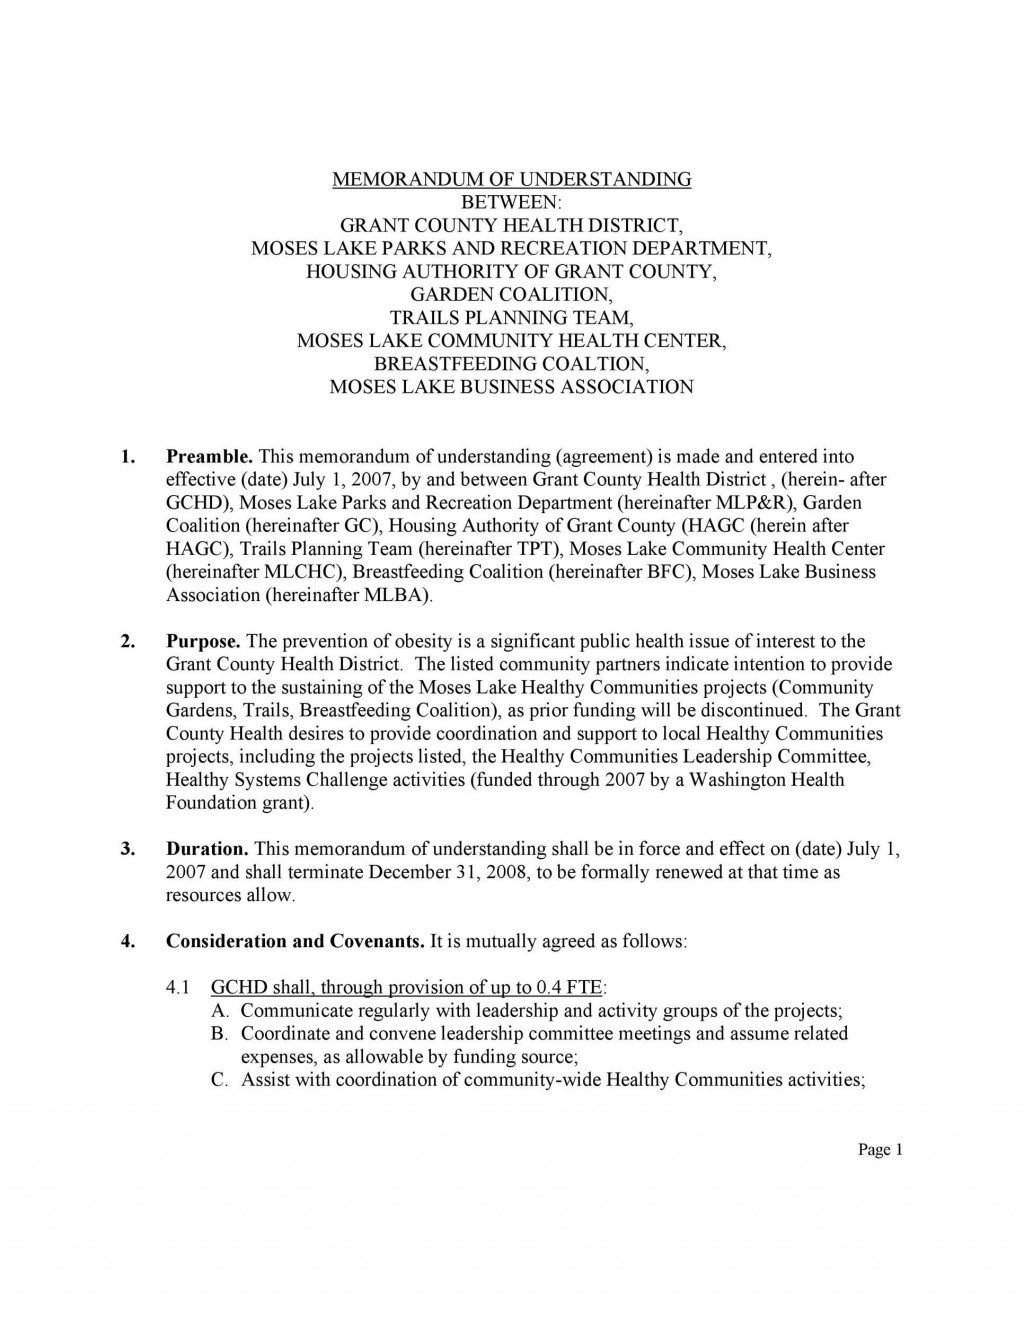 003 Marvelou Letter Of Understanding Sample Format High Resolution Large